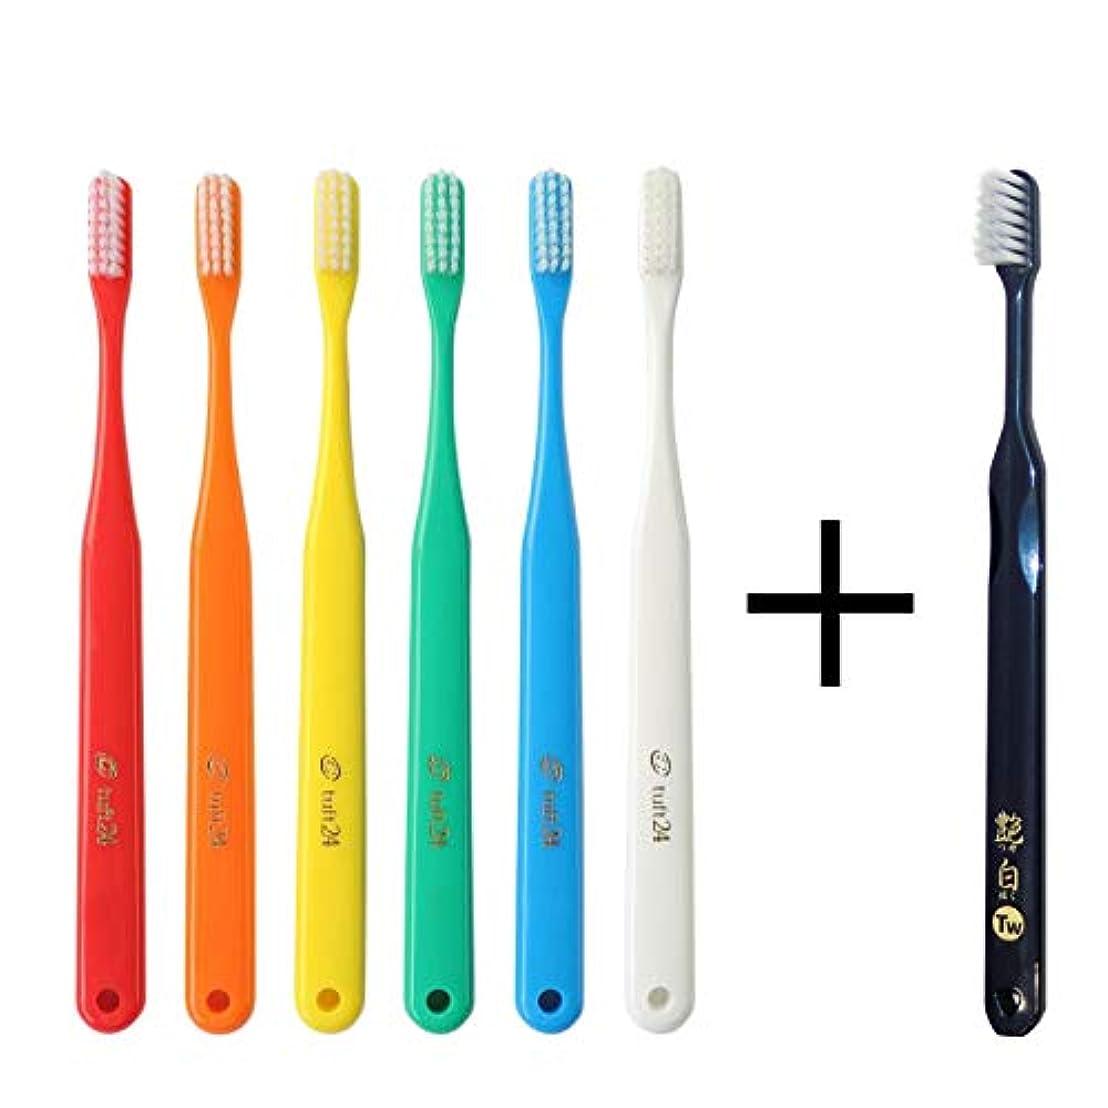 ピアースリゾートアデレードタフト24 歯ブラシ× 10本 (M) キャップなし + 艶白ツイン 歯ブラシ (M ふつう) ×1本 むし歯予防 歯科専売